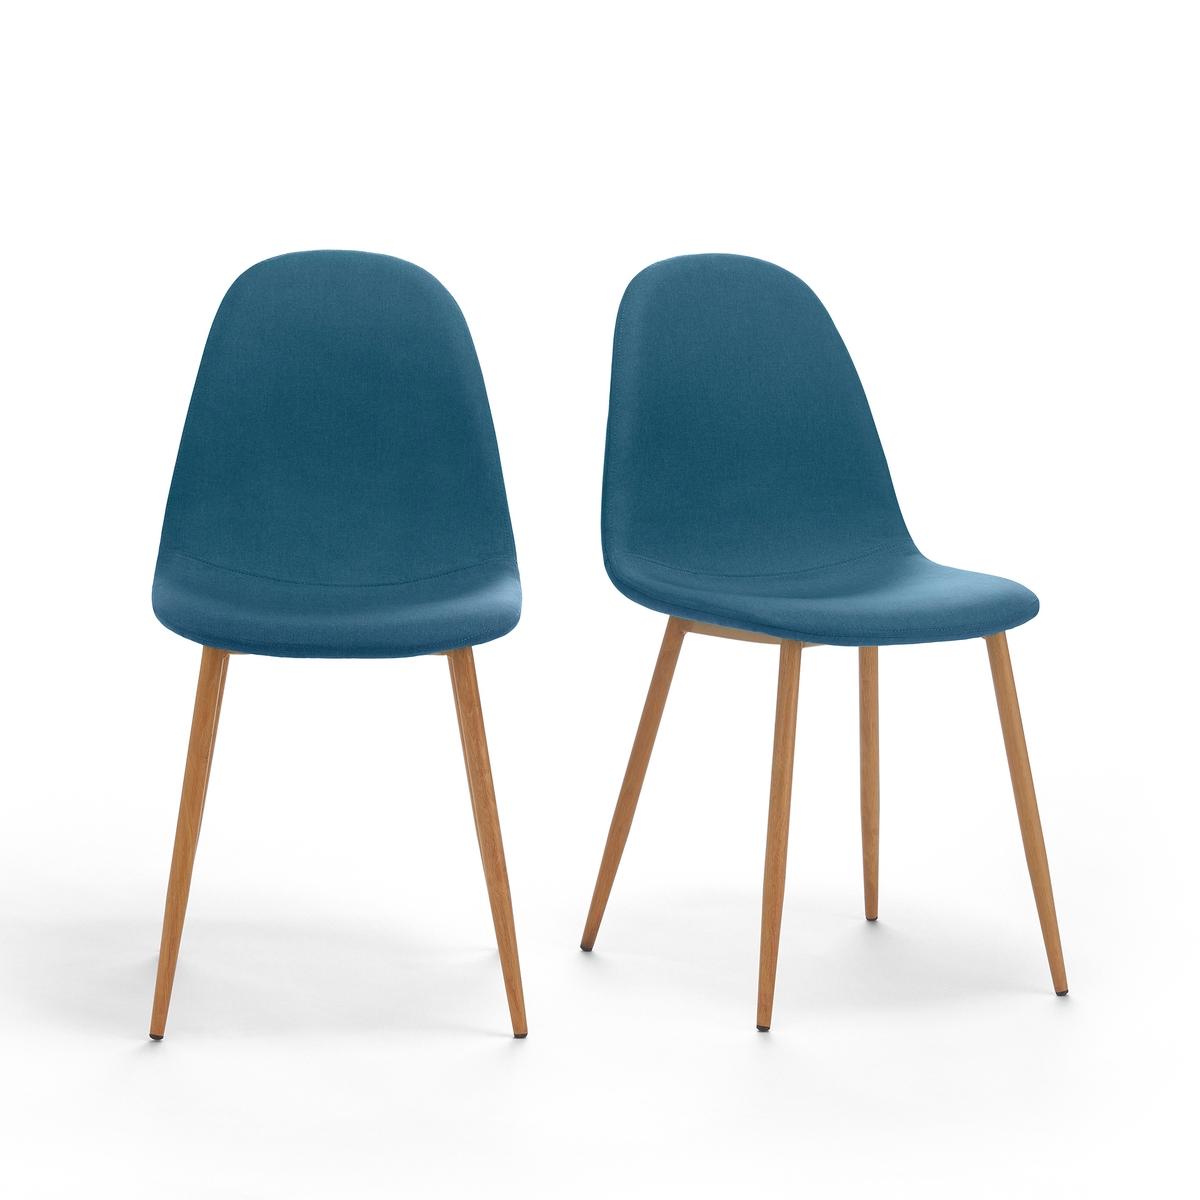 Комплект из 2 мягких стульев NORDIEОписание:2 мягких стула Nordie. Прочные и комфортные стулья простого и улучшенного дизайна, с легким намеком на 50-е года.Характеристики 2 мягких стульев Nordie:Ножка из металлической трубы с утолщением посередине и отделкой дубом.Сиденье из клееной фанеры, наполнитель из пеноматериала Обивка 100% полиэстер.Откройте для себя всю коллекцию Nordie на сайте laredoute.ru.Размеры 2 мягких стульев Nordie:Ширина : 45 смВысота : 87 смГлубина : 54 см:. !! .<br><br>Цвет: изумрудный,сине-зеленый